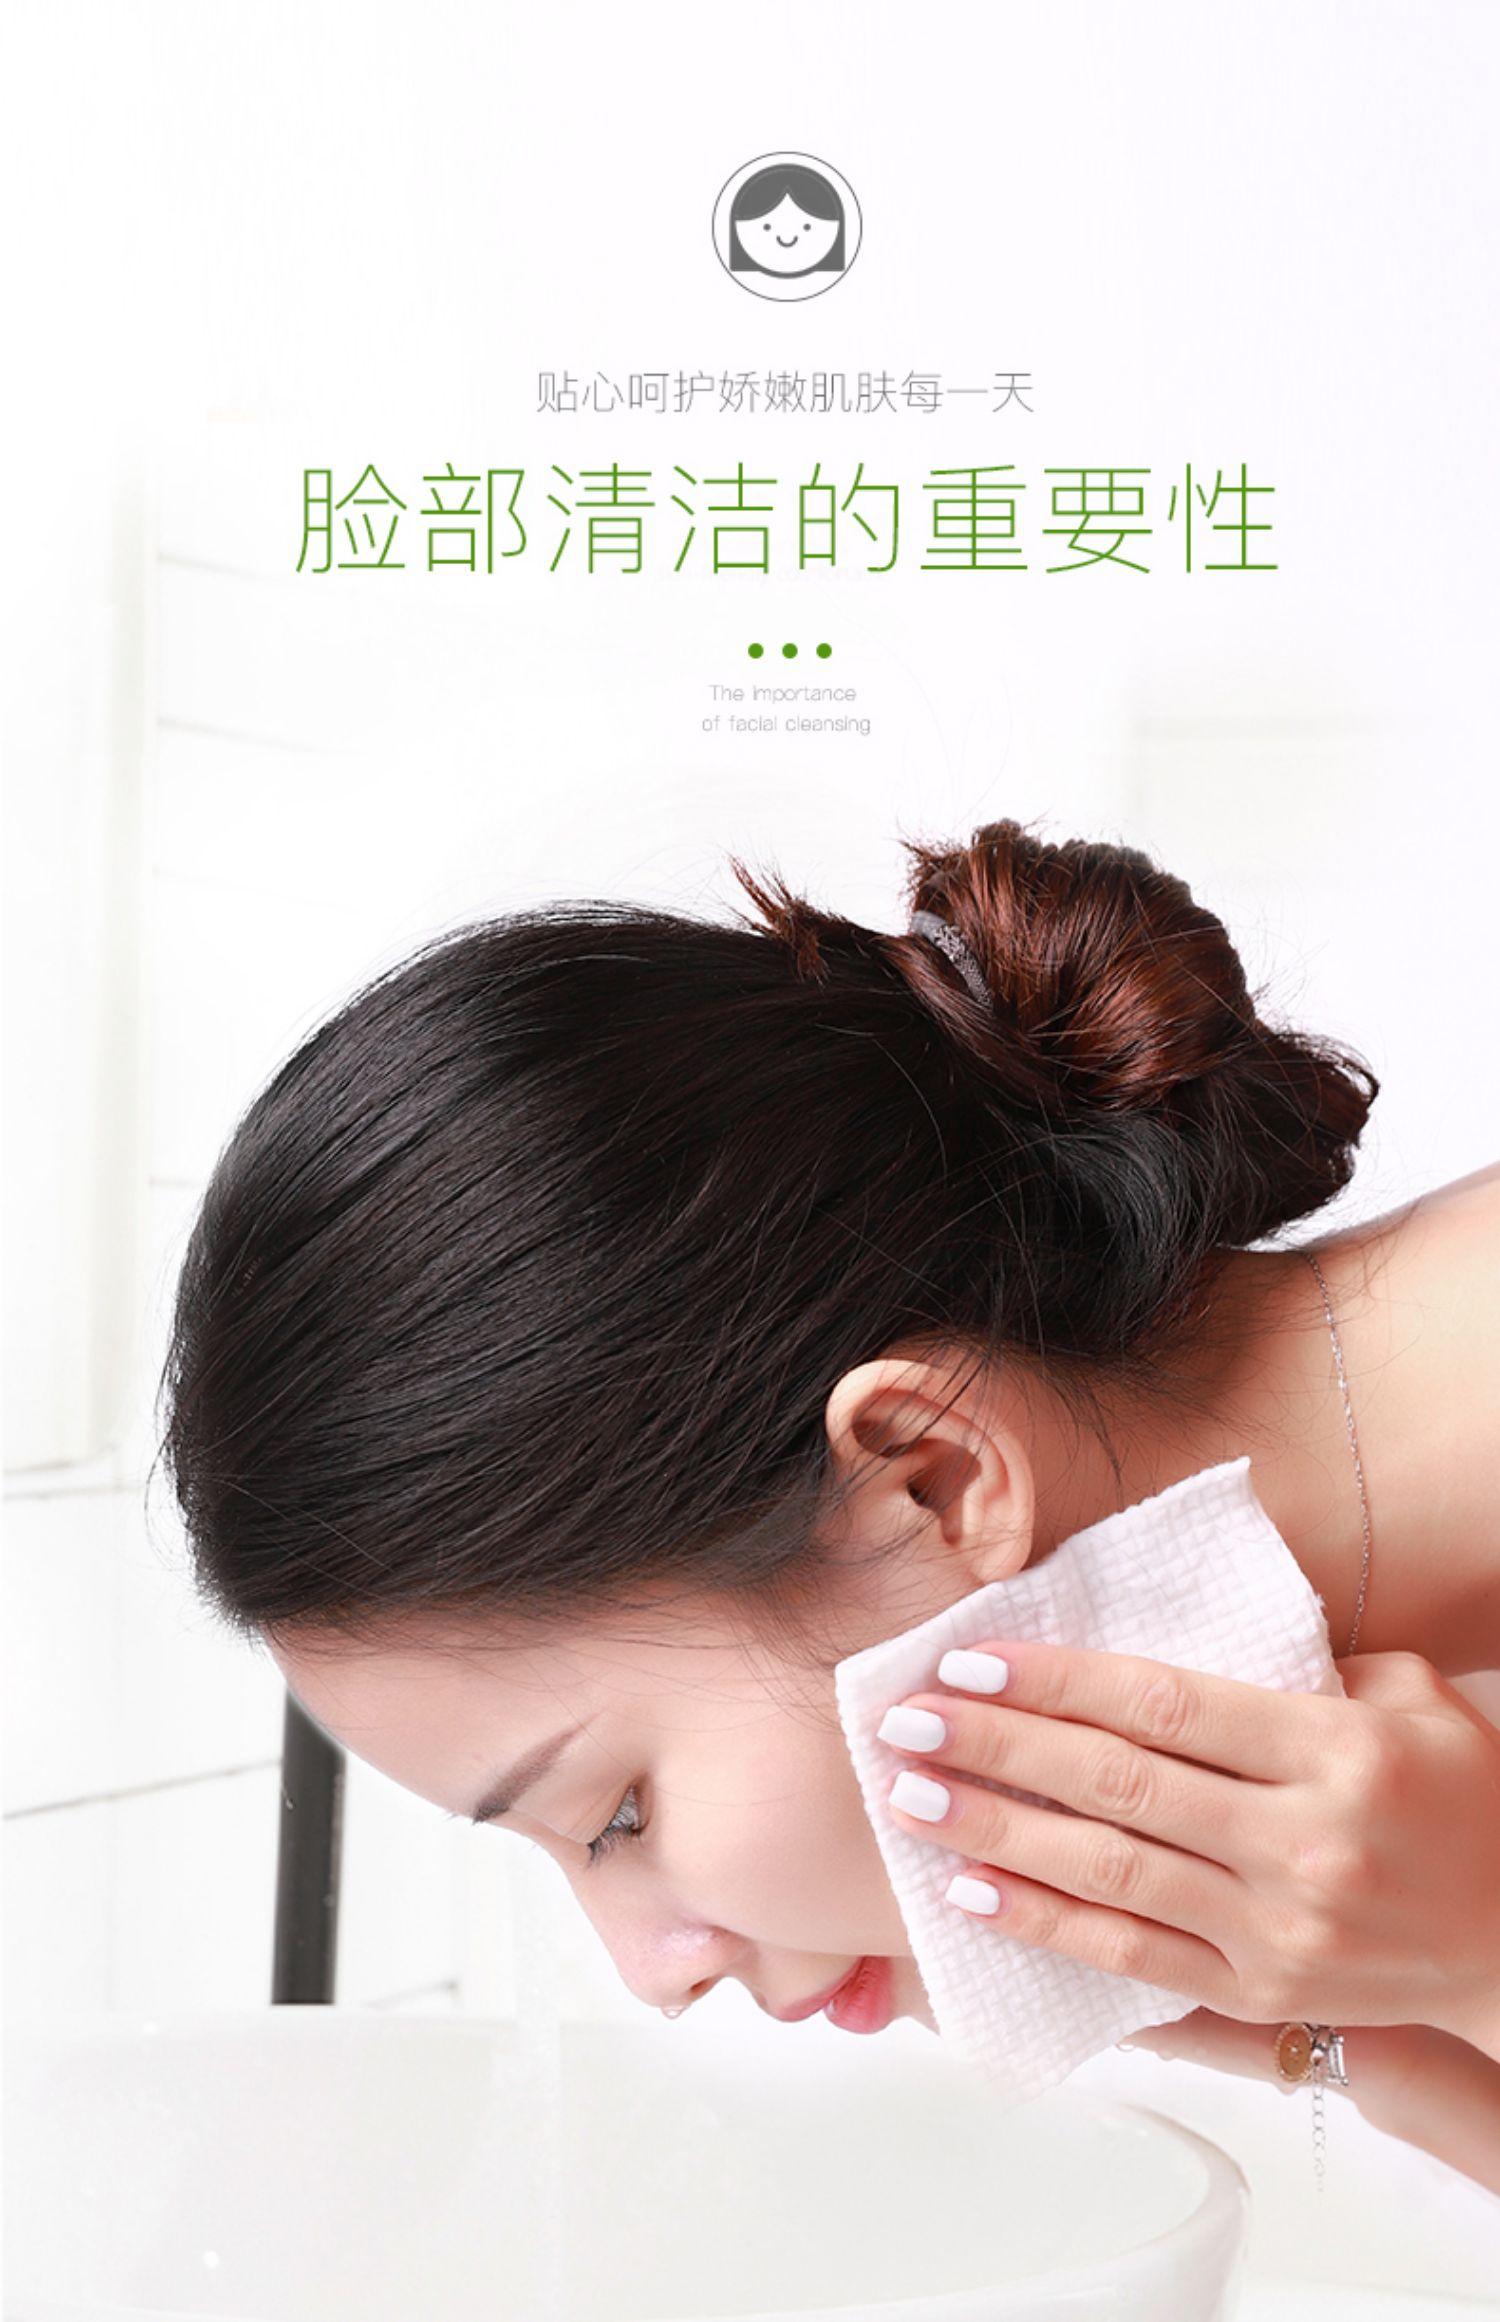 尔木萄云感洁面巾洗脸巾卷筒式4